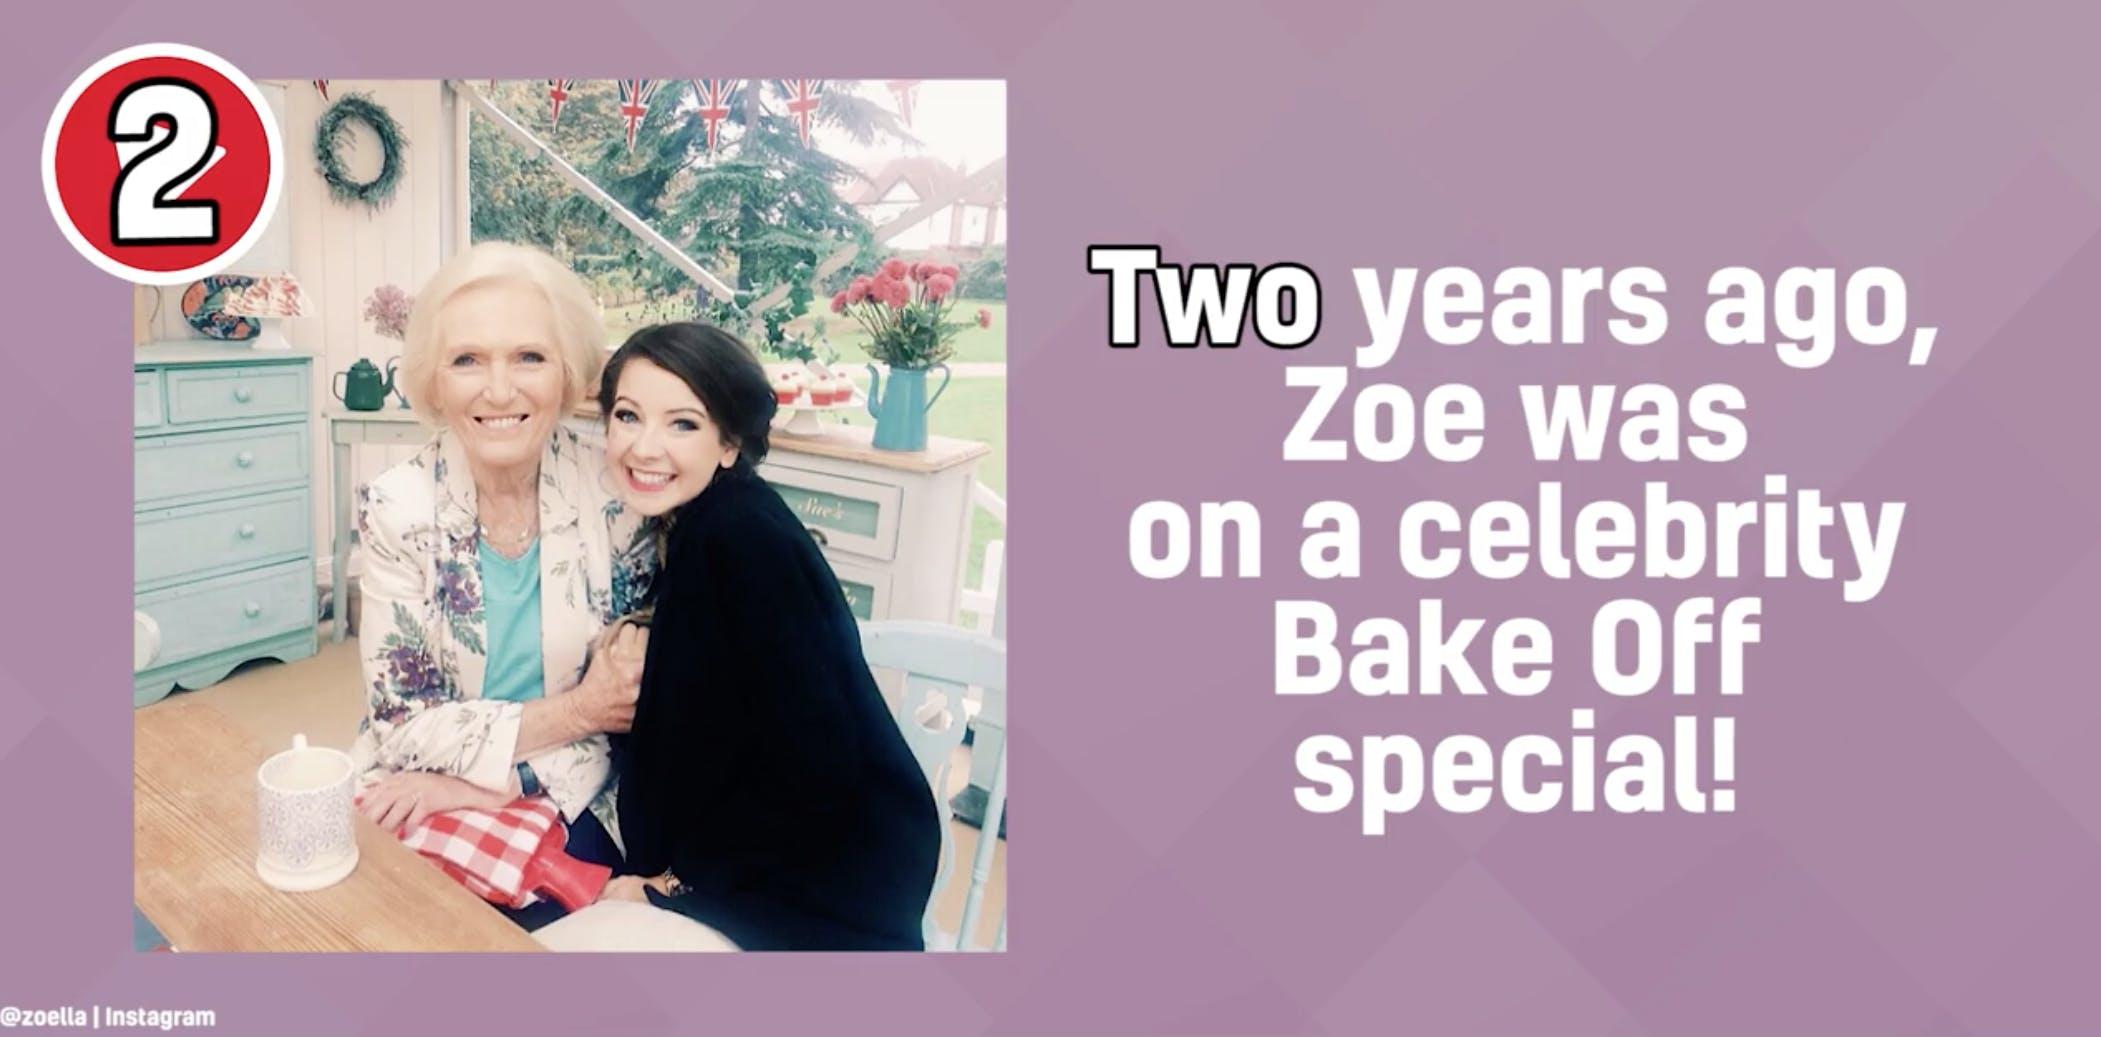 Zoella, YouTube beauty vlogger